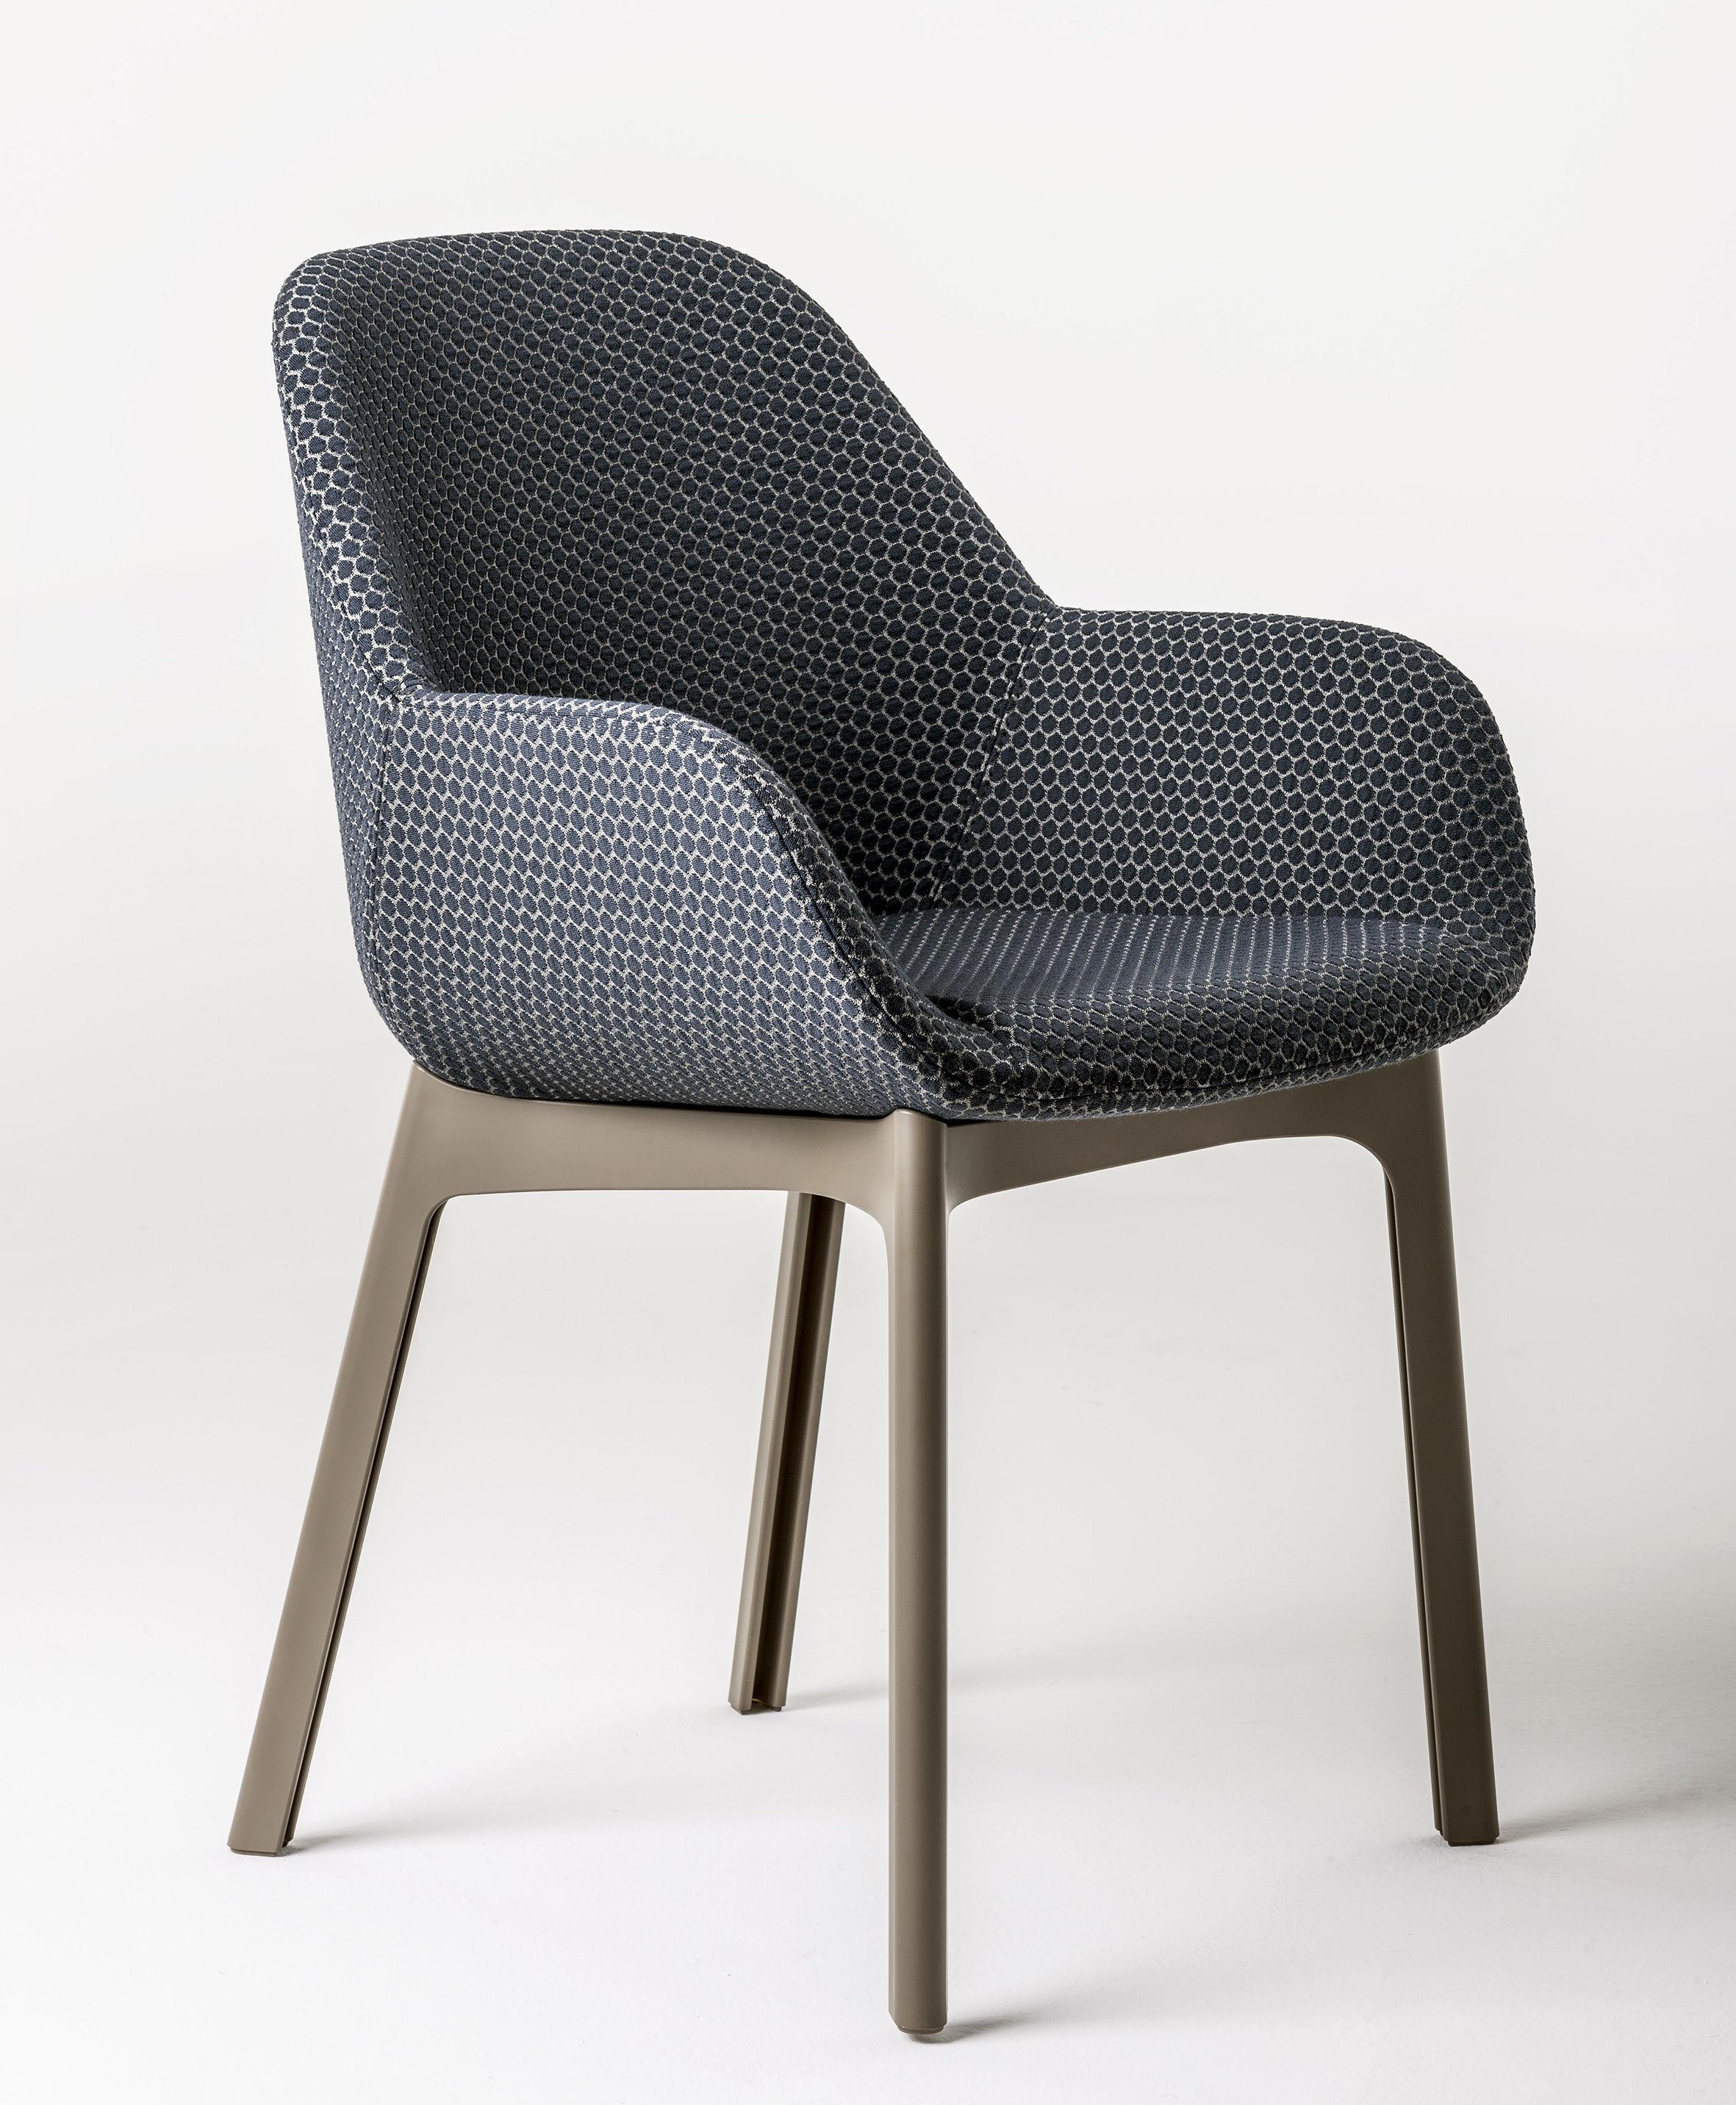 fauteuil rembourr clap tissu pieds plastique graphite pieds tourterelle kartell made. Black Bedroom Furniture Sets. Home Design Ideas